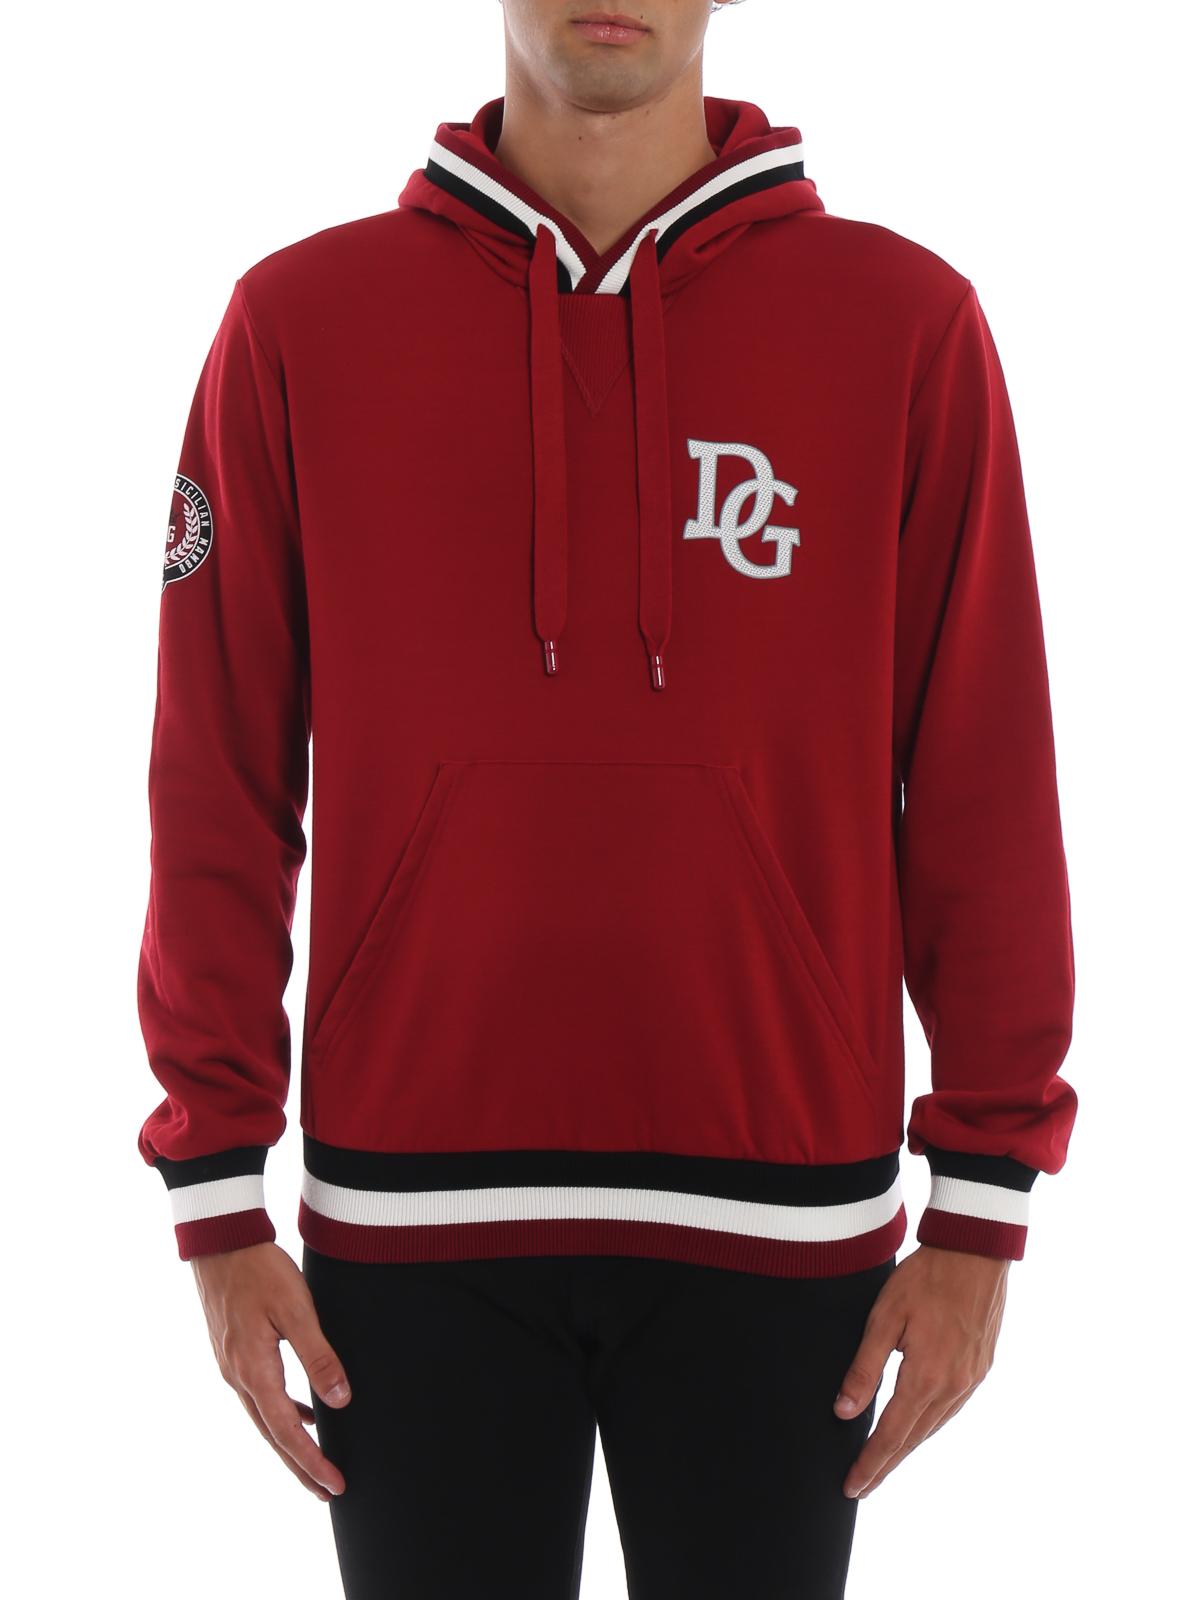 Dg amp; Shirts Dolce Pulls King Ikrix Gabbana Sweat Sweatshirts nZx45Aq0w